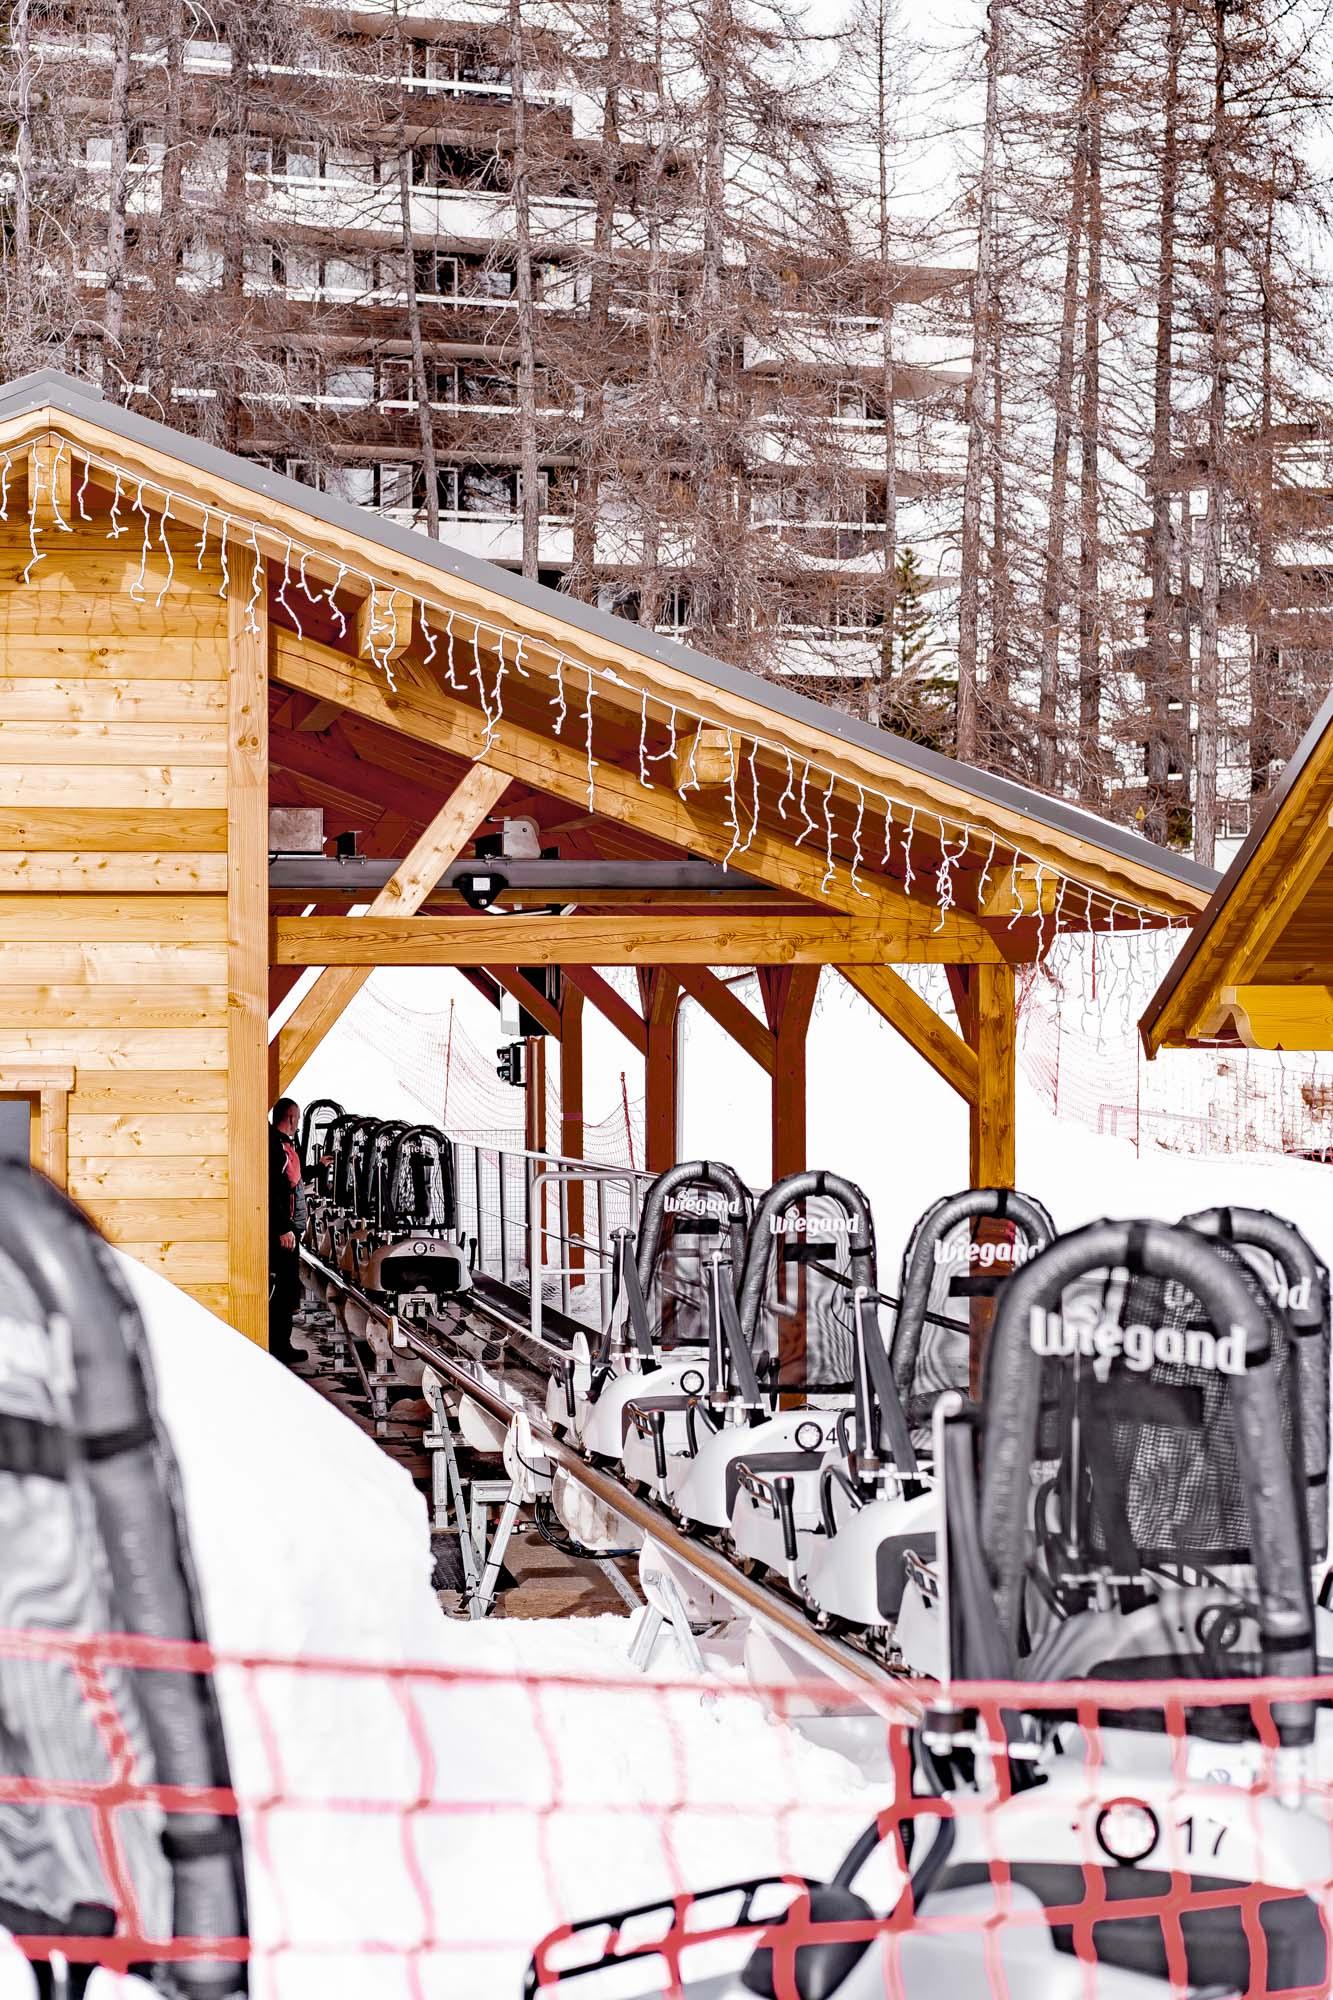 2 Jours À Vars : Chien De Traîneau Et Luge Sur Rail Dans La dedans Chien Qui Fait De La Luge